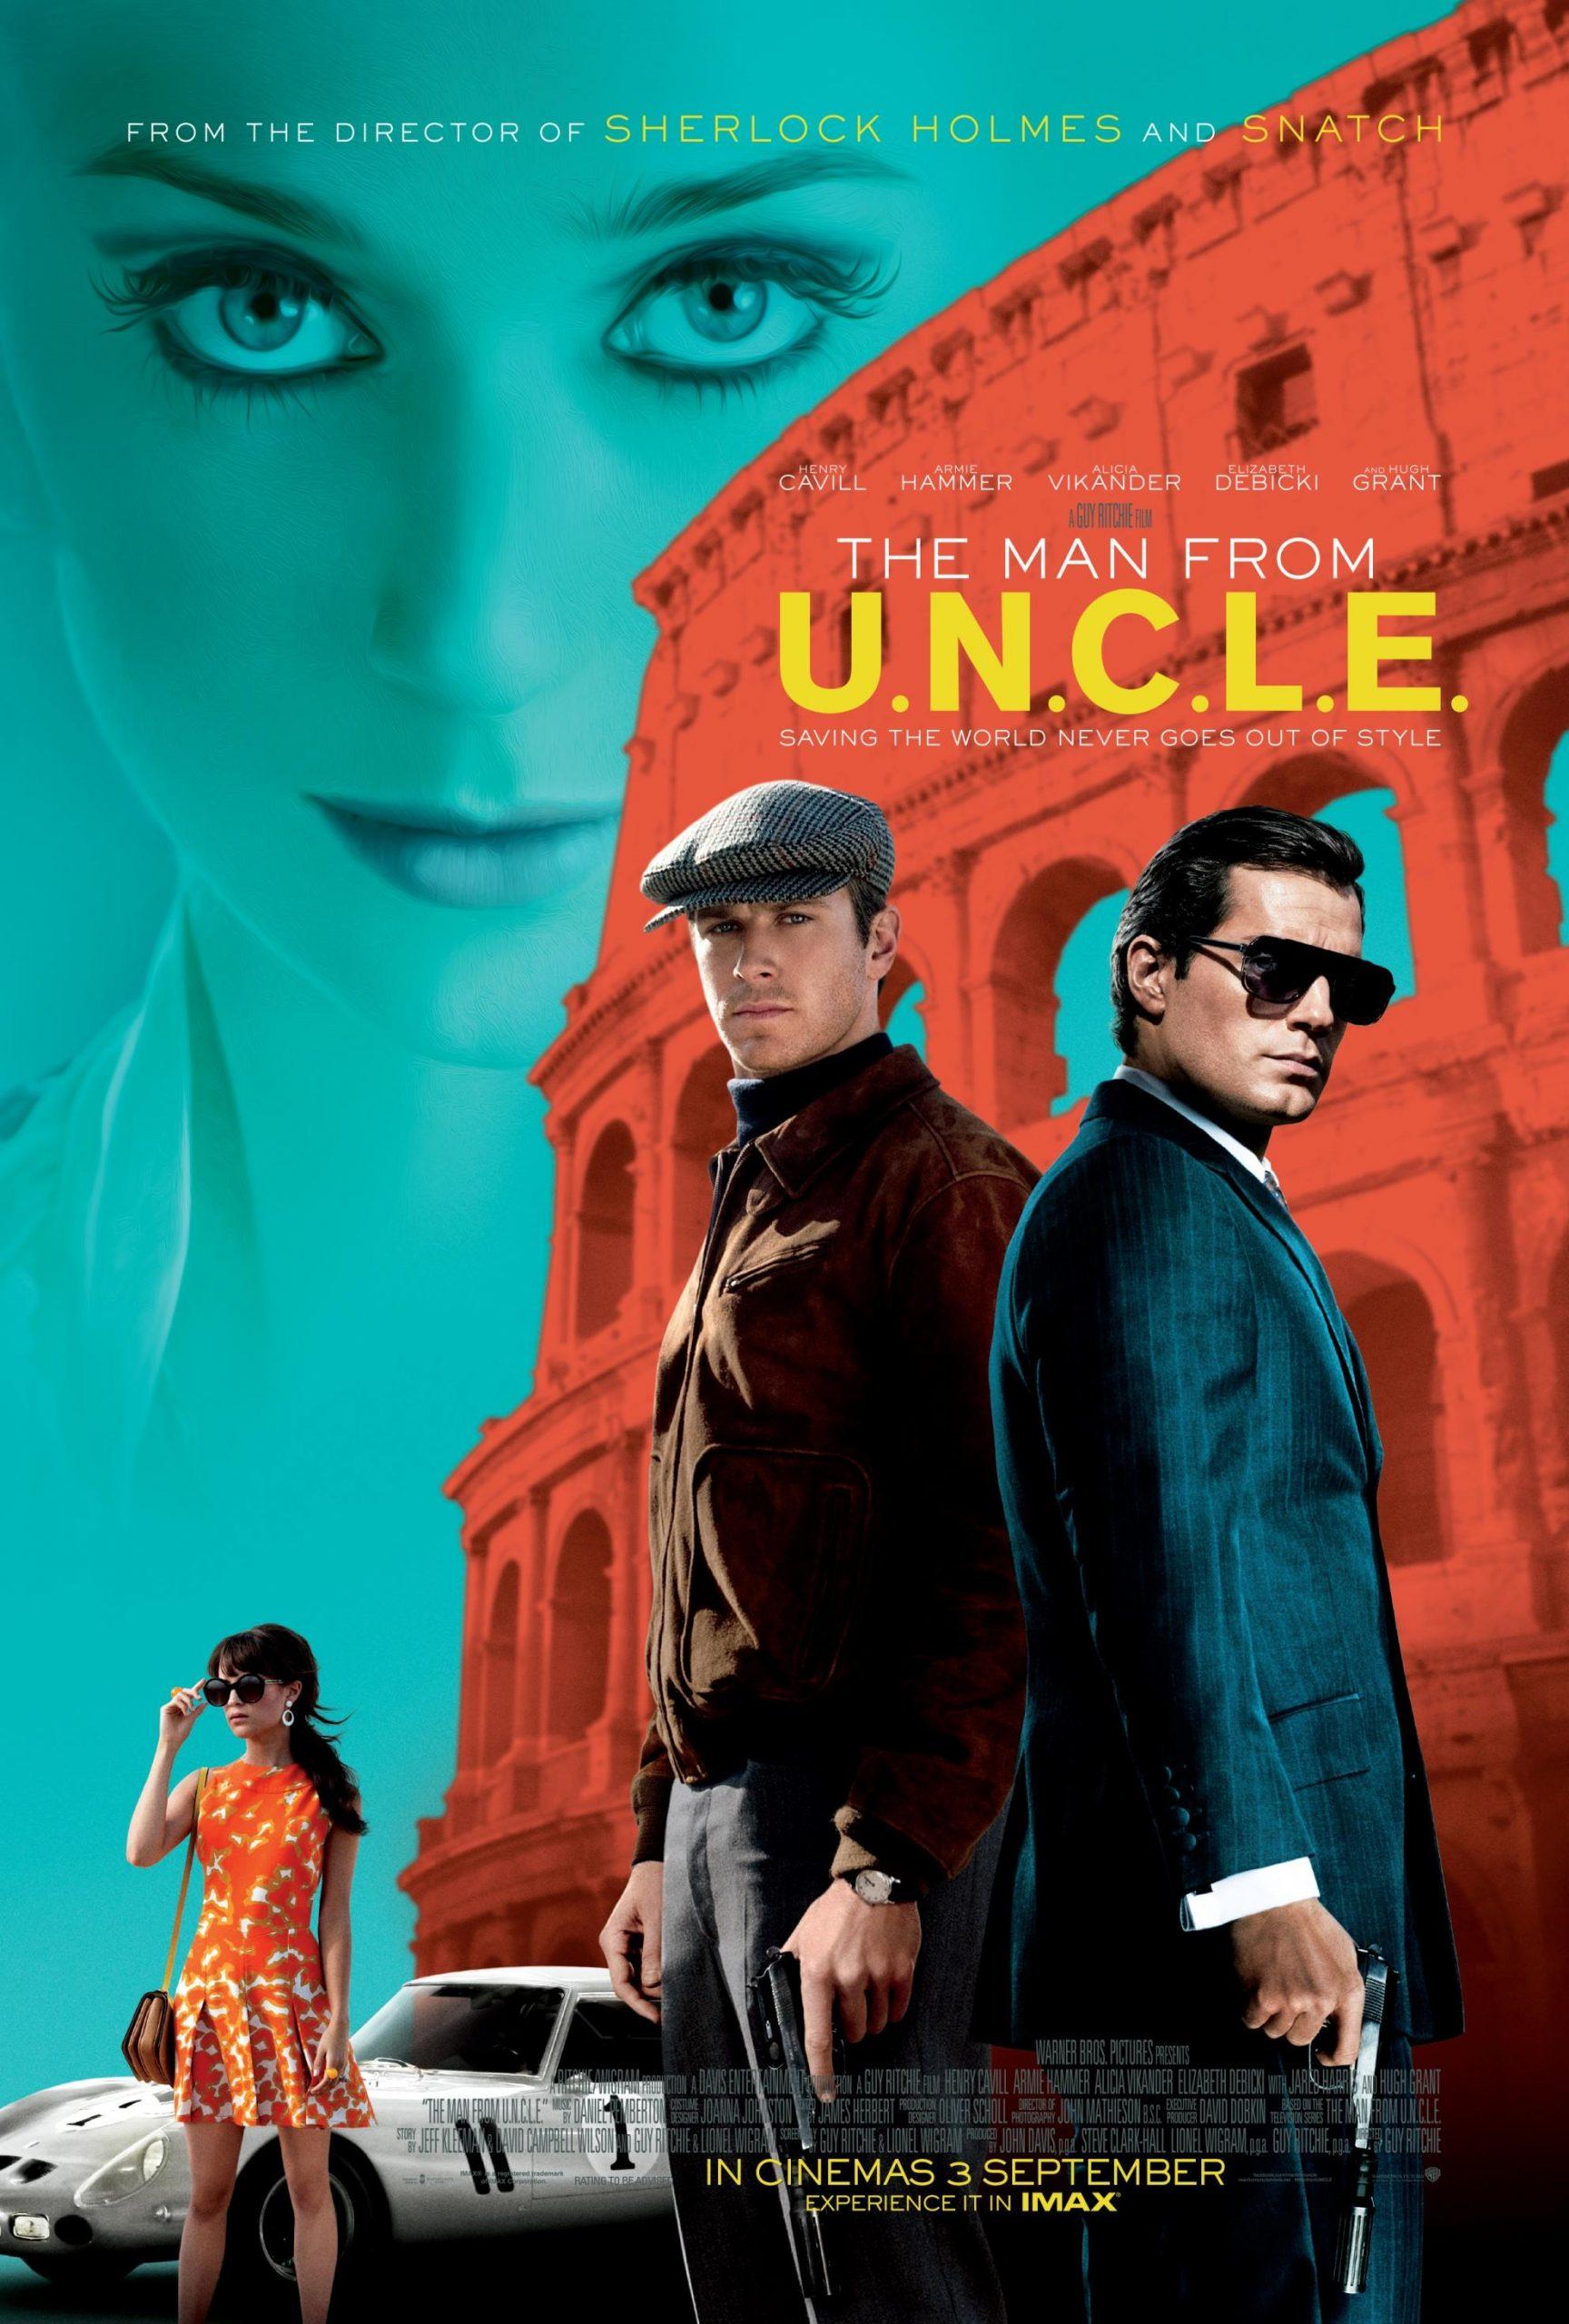 Πόστερ της ταινίας «Κωδικό όνομα U.N.C.L.E. (2015) | The Man from UNCLE»